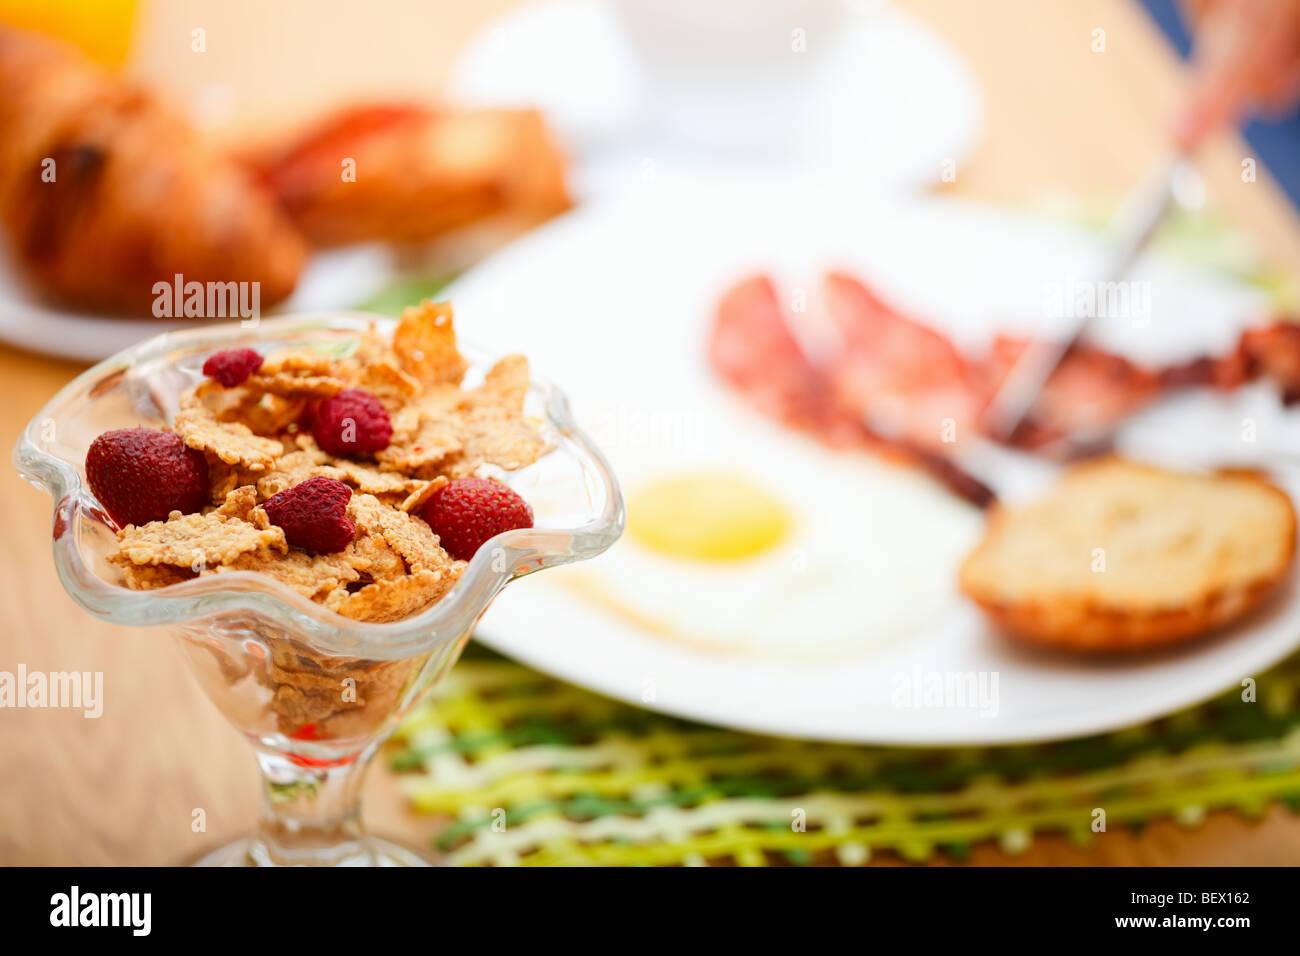 La deliziosa prima colazione servita. Corn flakes con frutti di bosco, uova fritte, pancetta, pane tostato, croissant, Immagini Stock